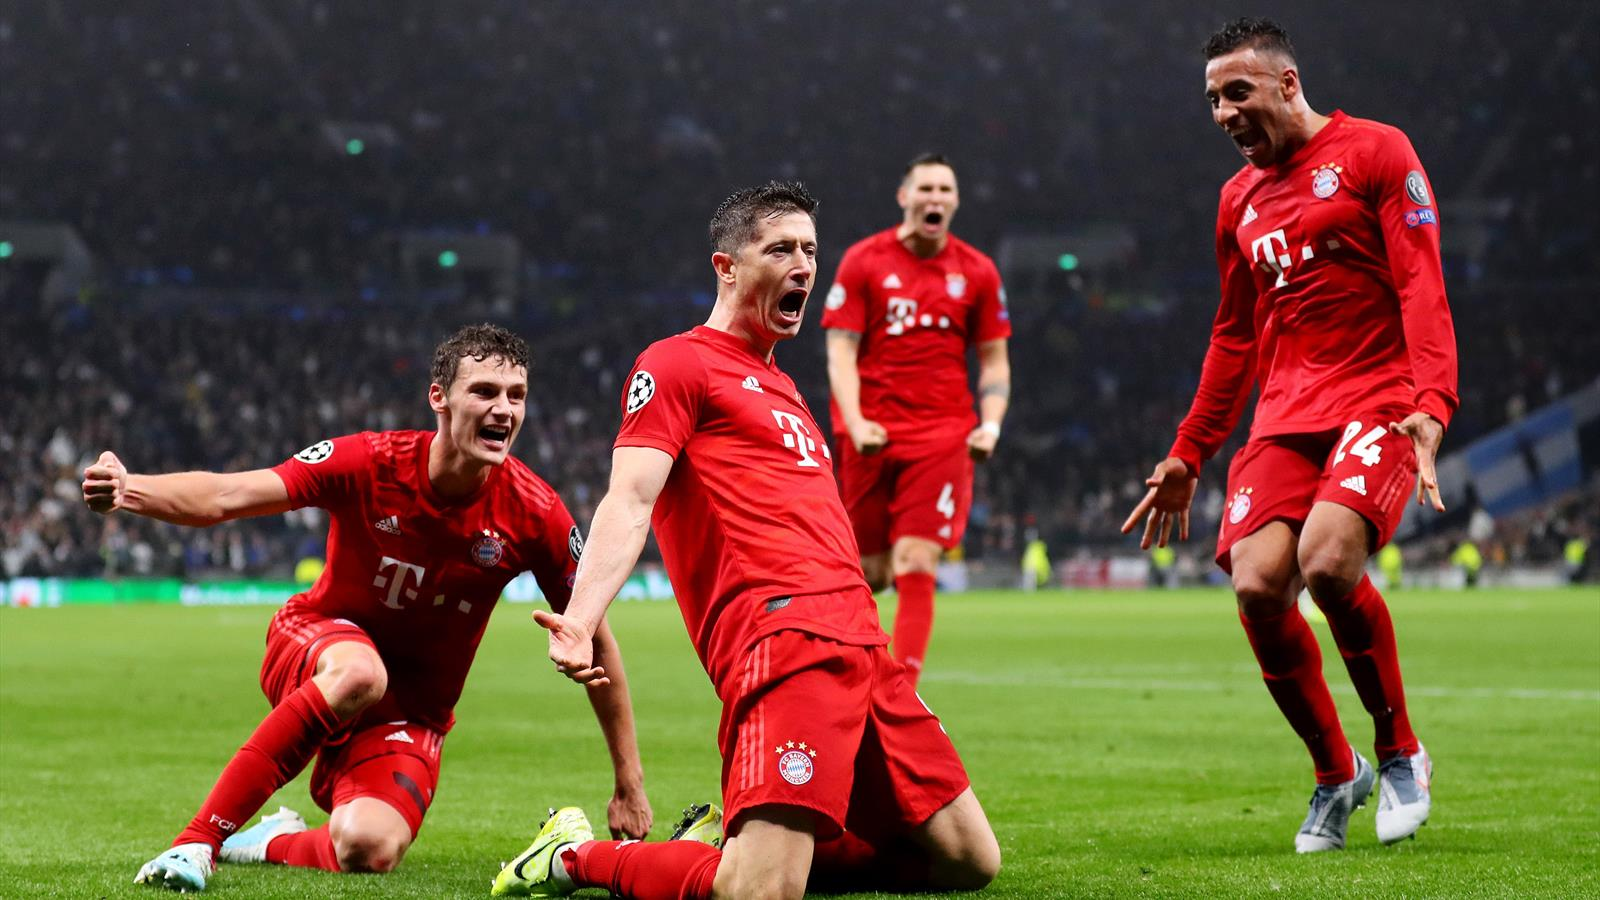 Champions League Aktuelle Ergebnisse